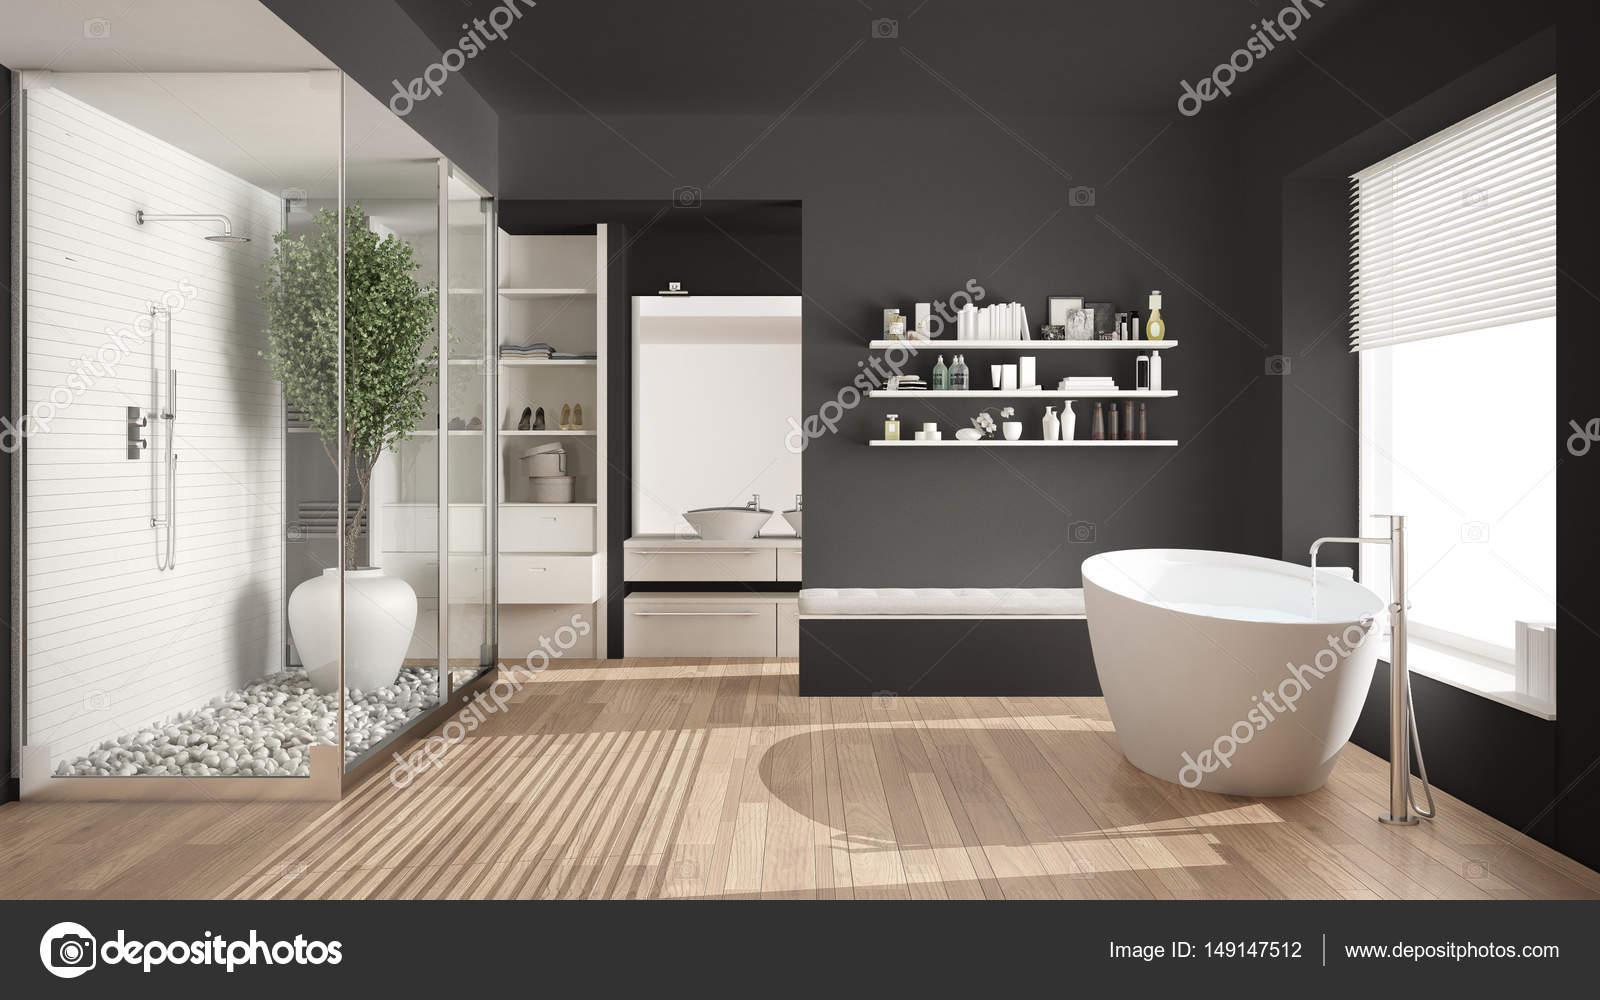 Minimaliste gris scandinave salle de bains avec dressing ...